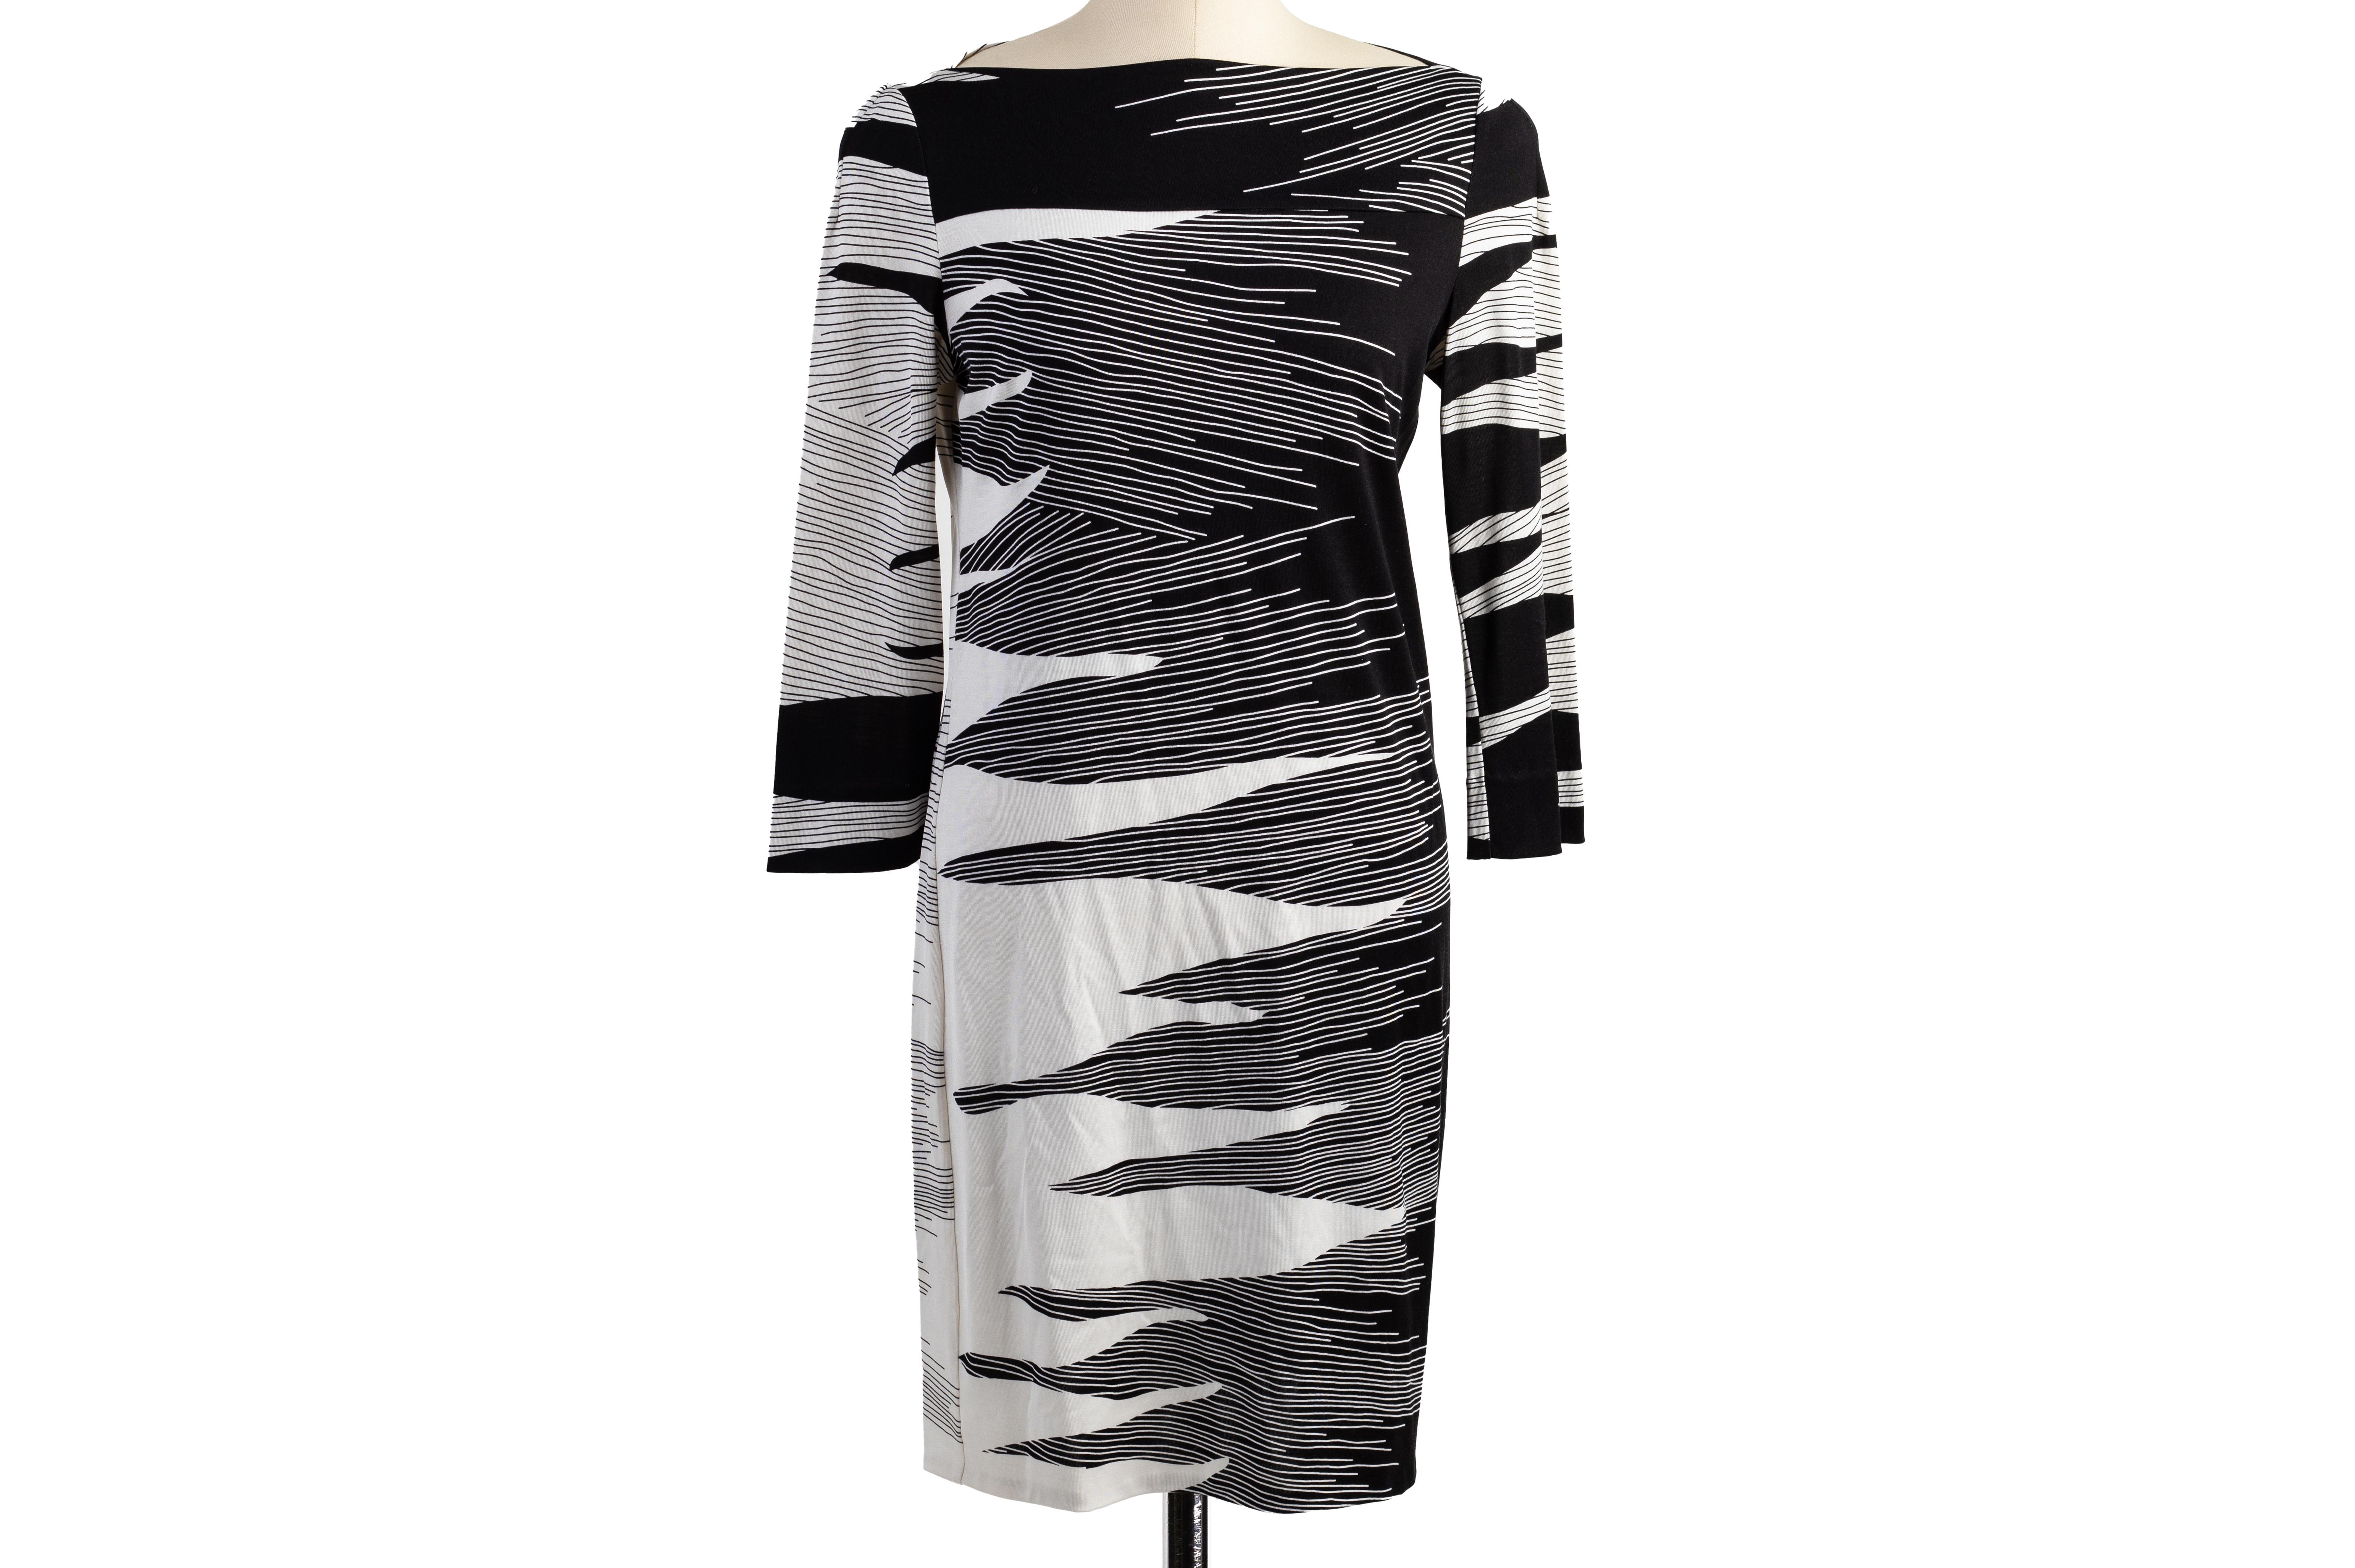 A DIANE VON FURSTENBERG BLACK & WHITE LONG SLEEVE DRESS